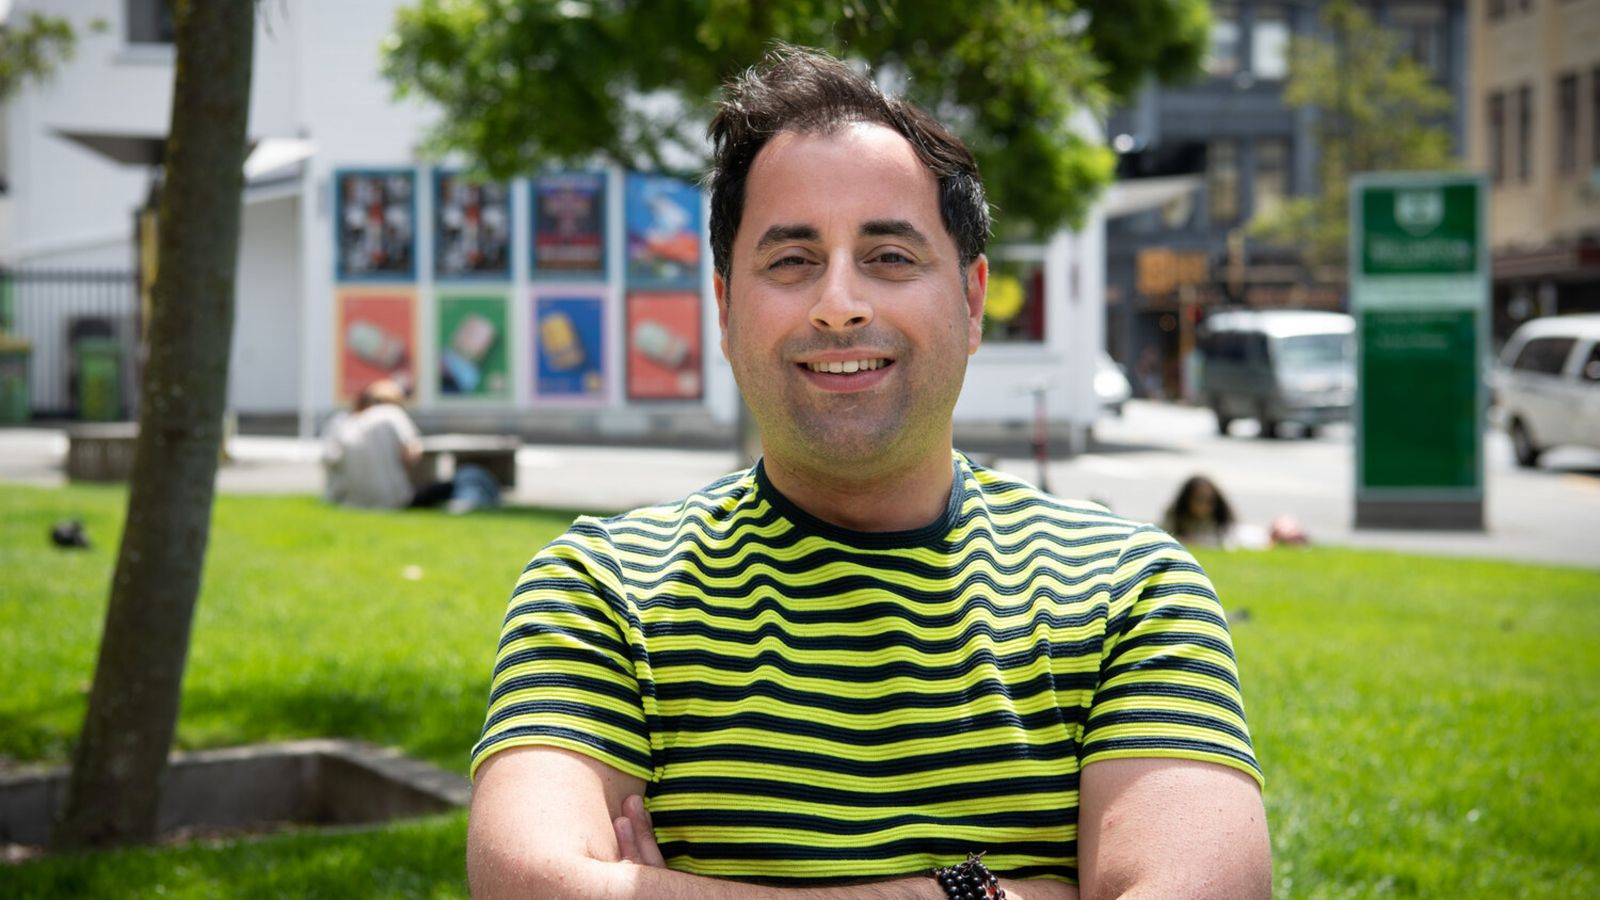 Bruno Marquez in Cobblestone Park, Te Aro